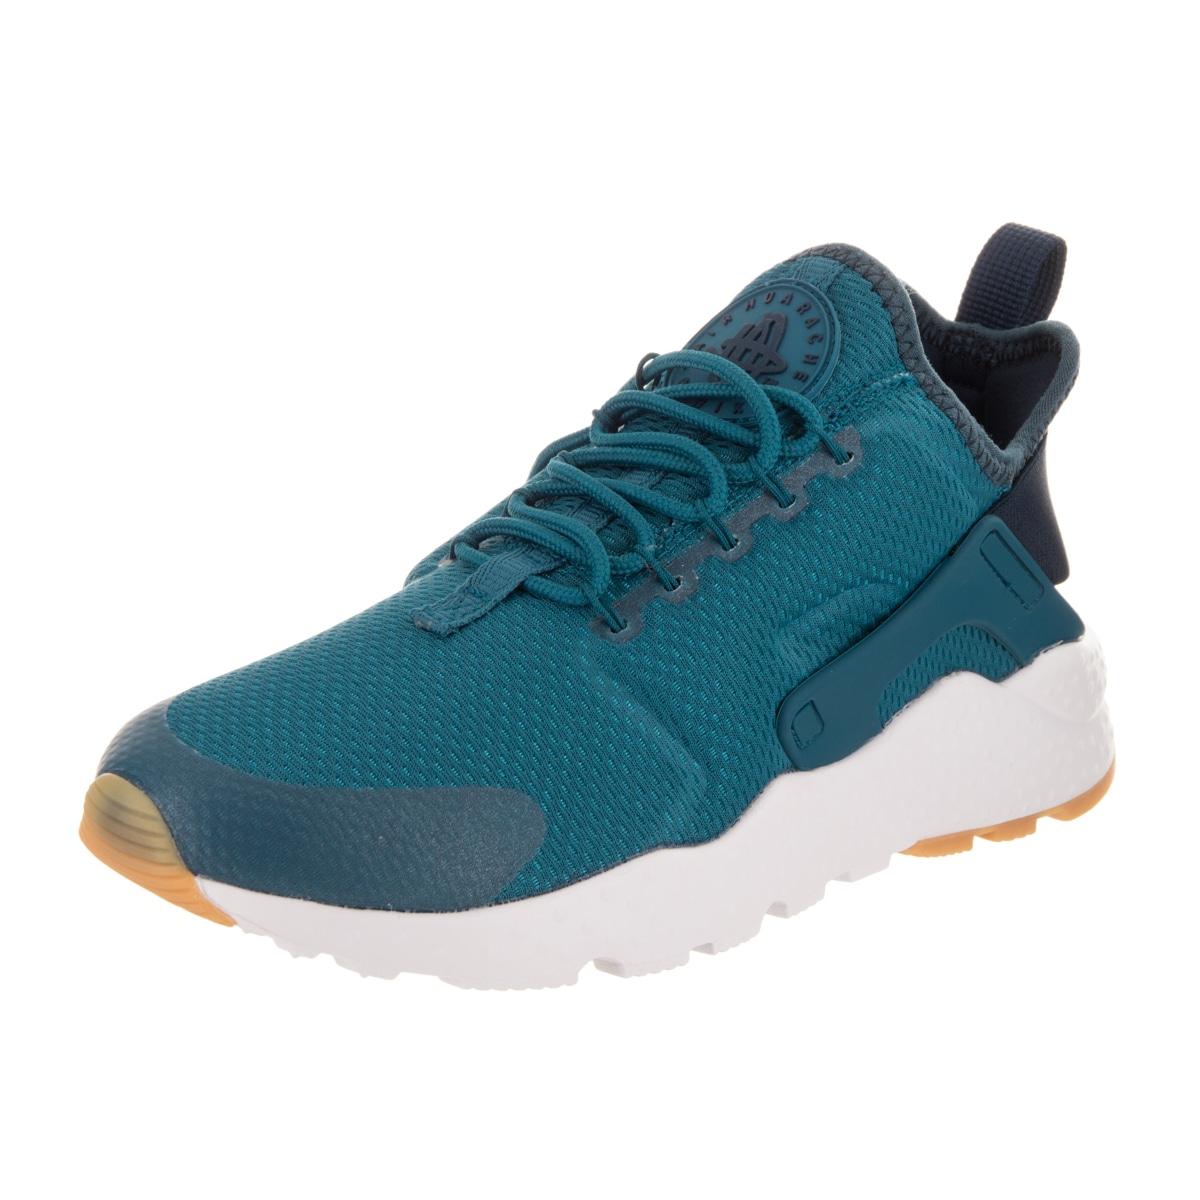 4ae364d2b5ba Shop Nike Women s Air Huarache Run Ultra Blue Textile Running Shoes ...